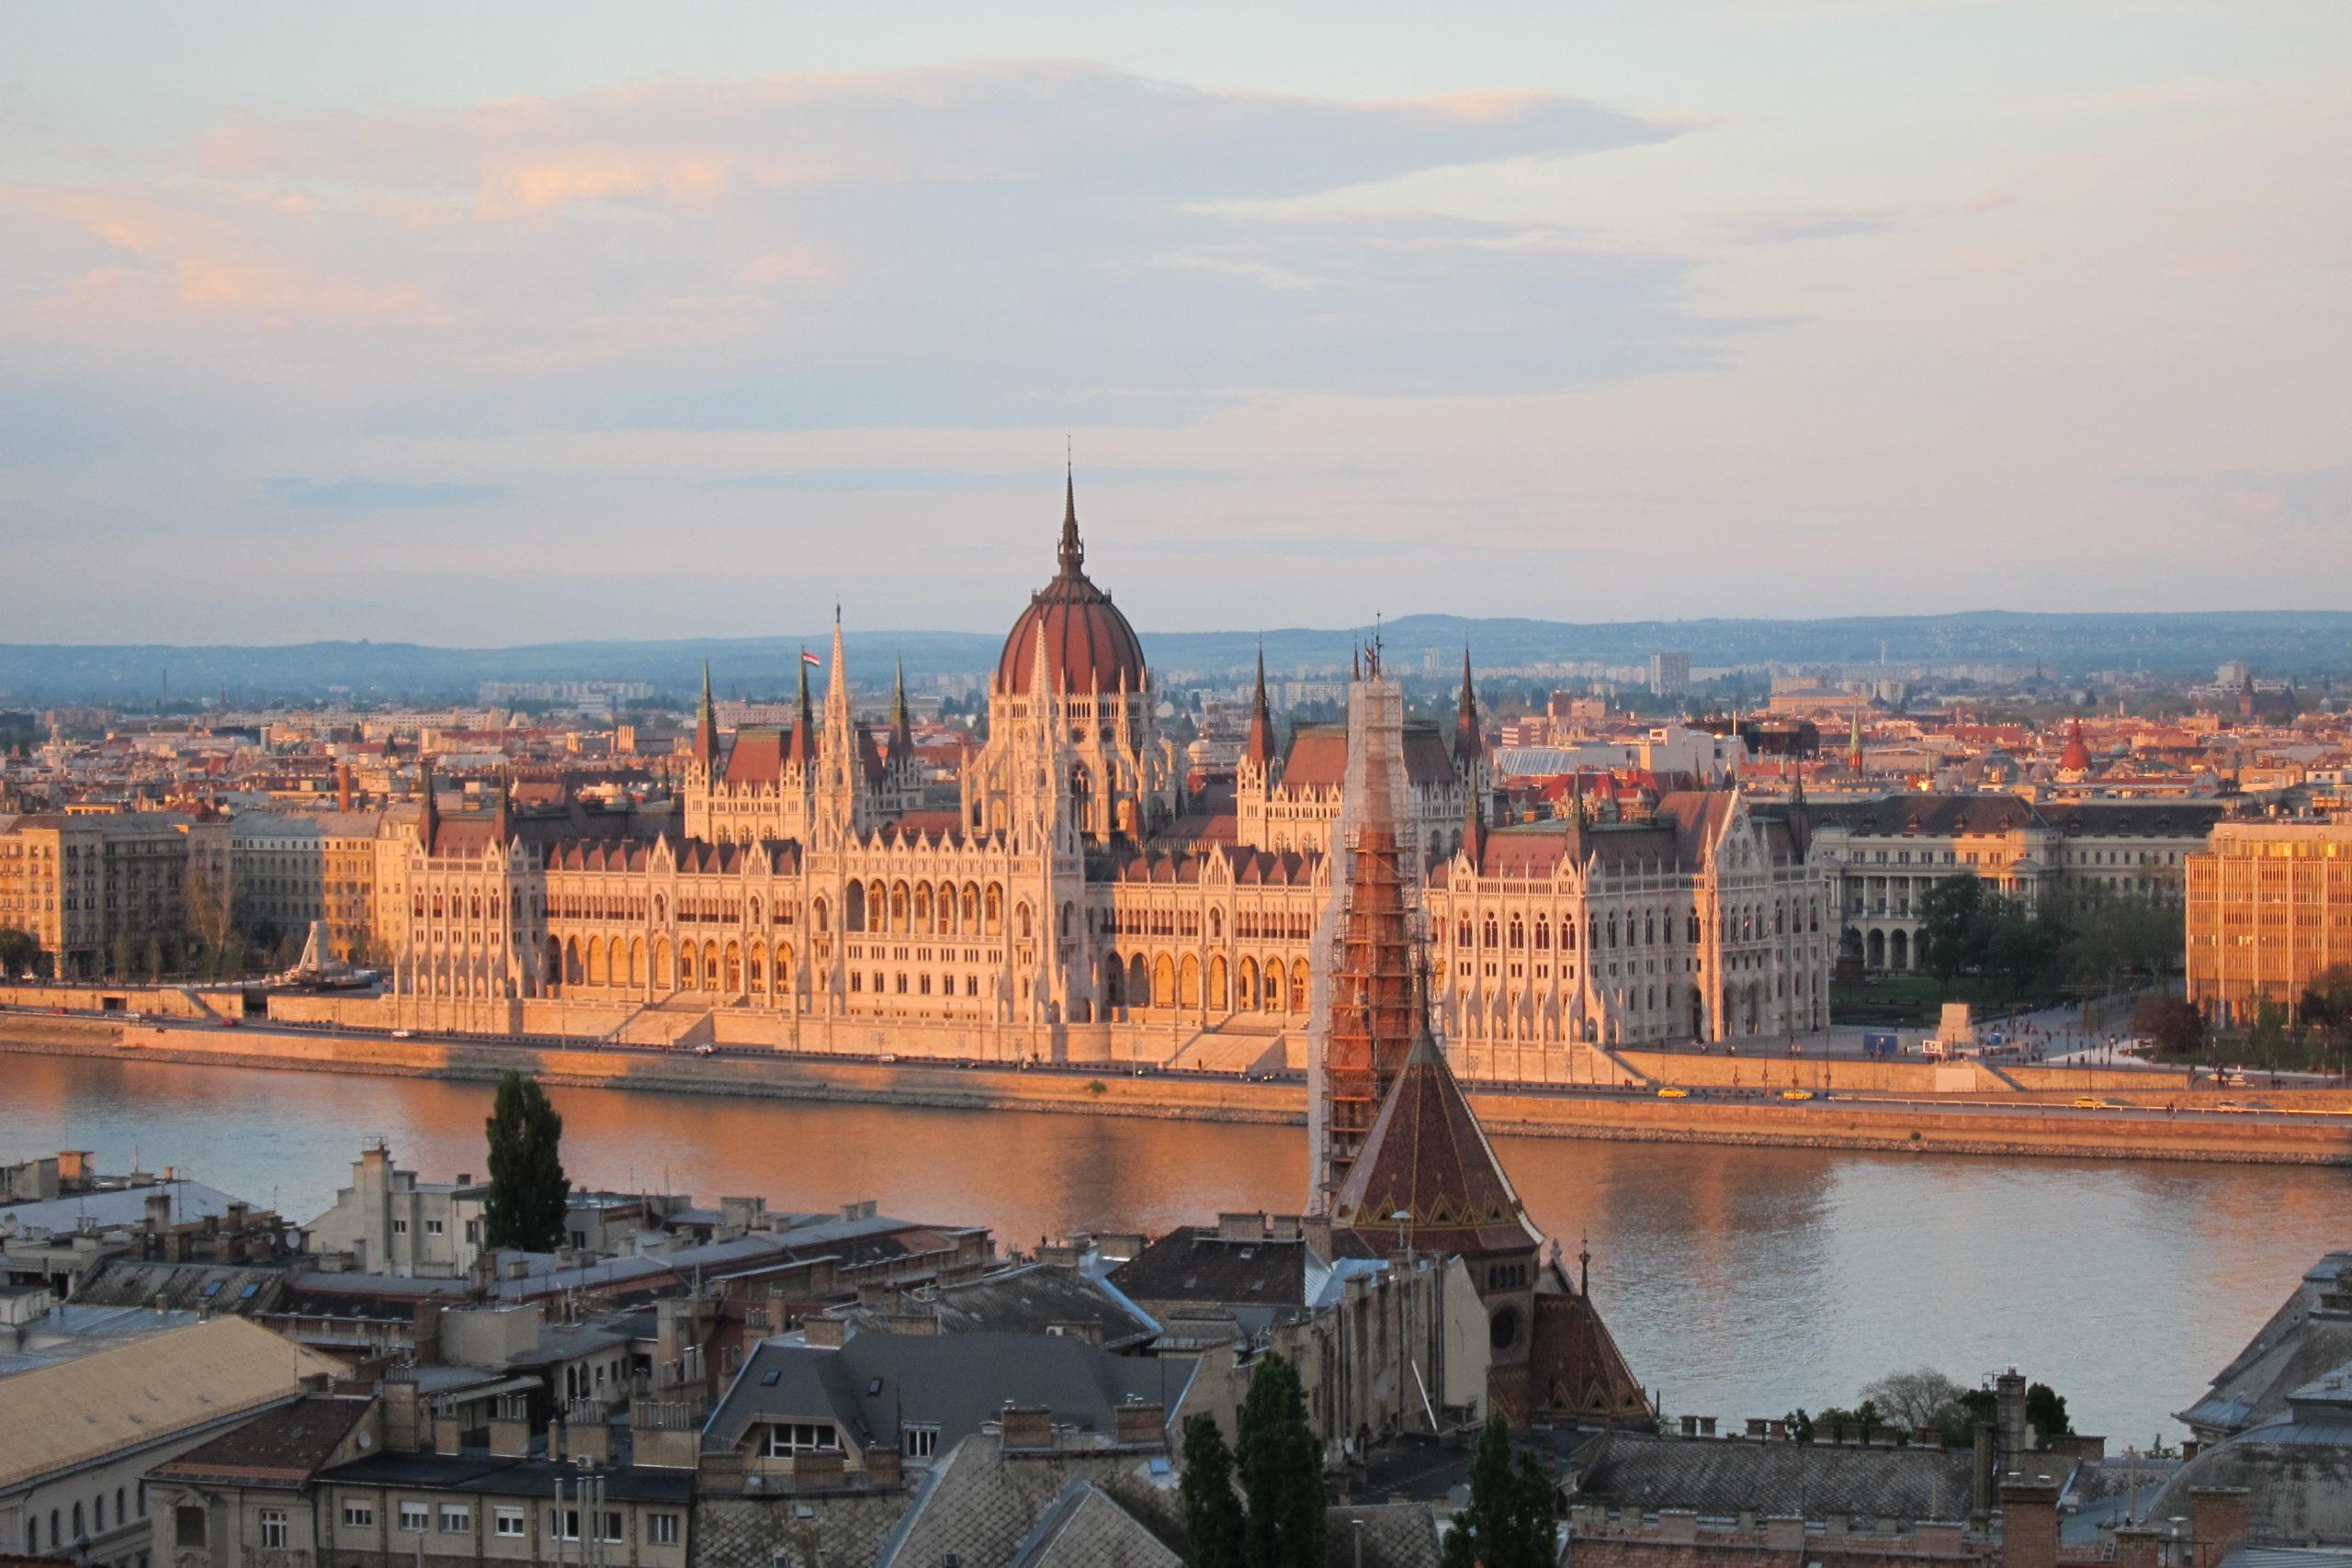 Architektonický klenot na Dunaji - Parlament v Budapešti